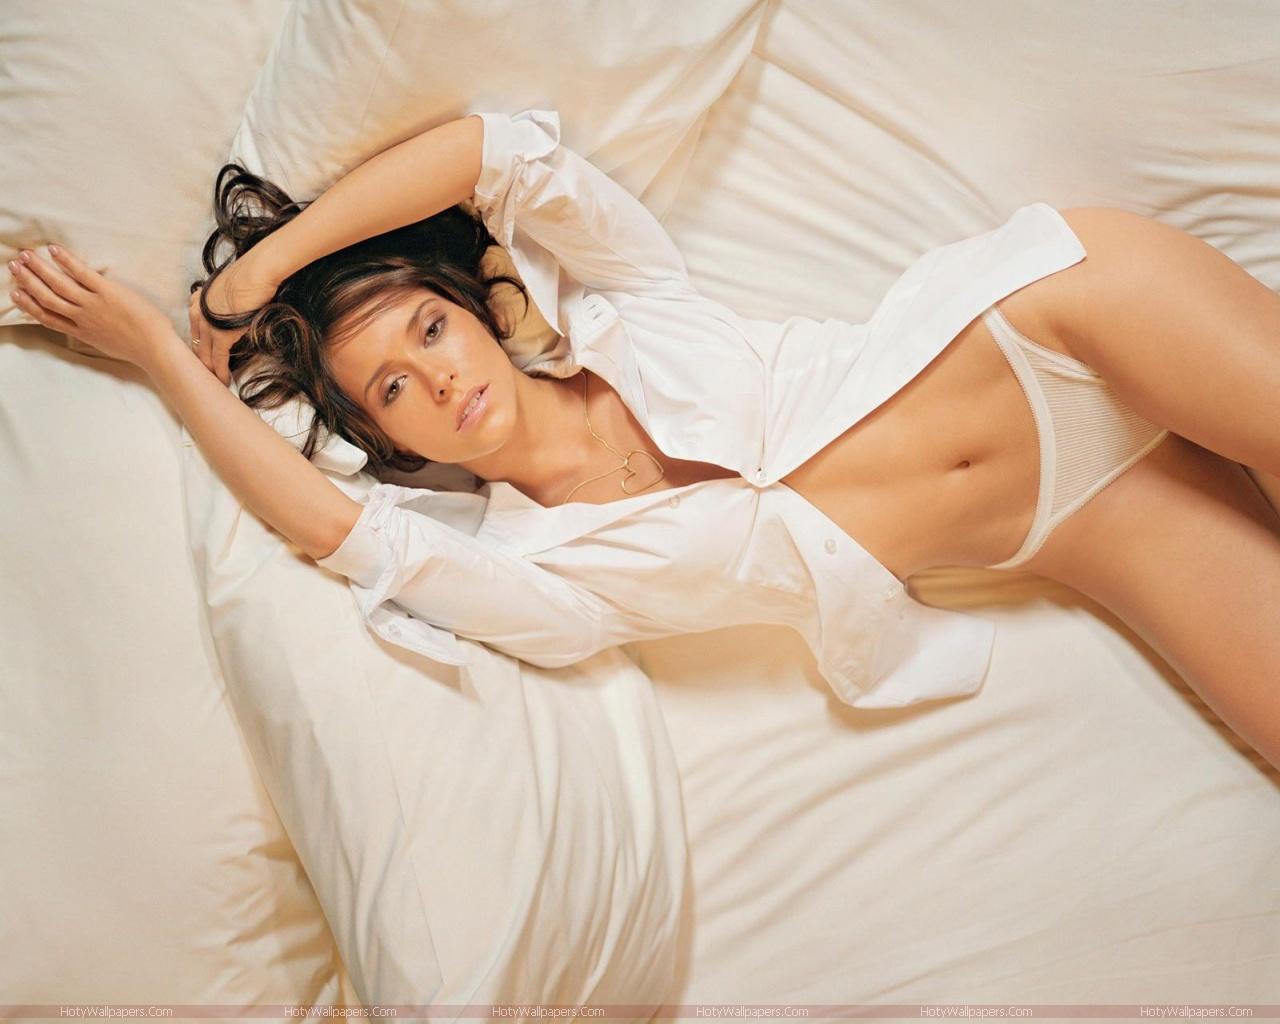 http://4.bp.blogspot.com/-yfyEqOw3F6g/TmjXwNJ90pI/AAAAAAAAKtM/szhV_Pwe7DA/s1600/Jennifer_Love_Hewitt_in_Bikini.jpg